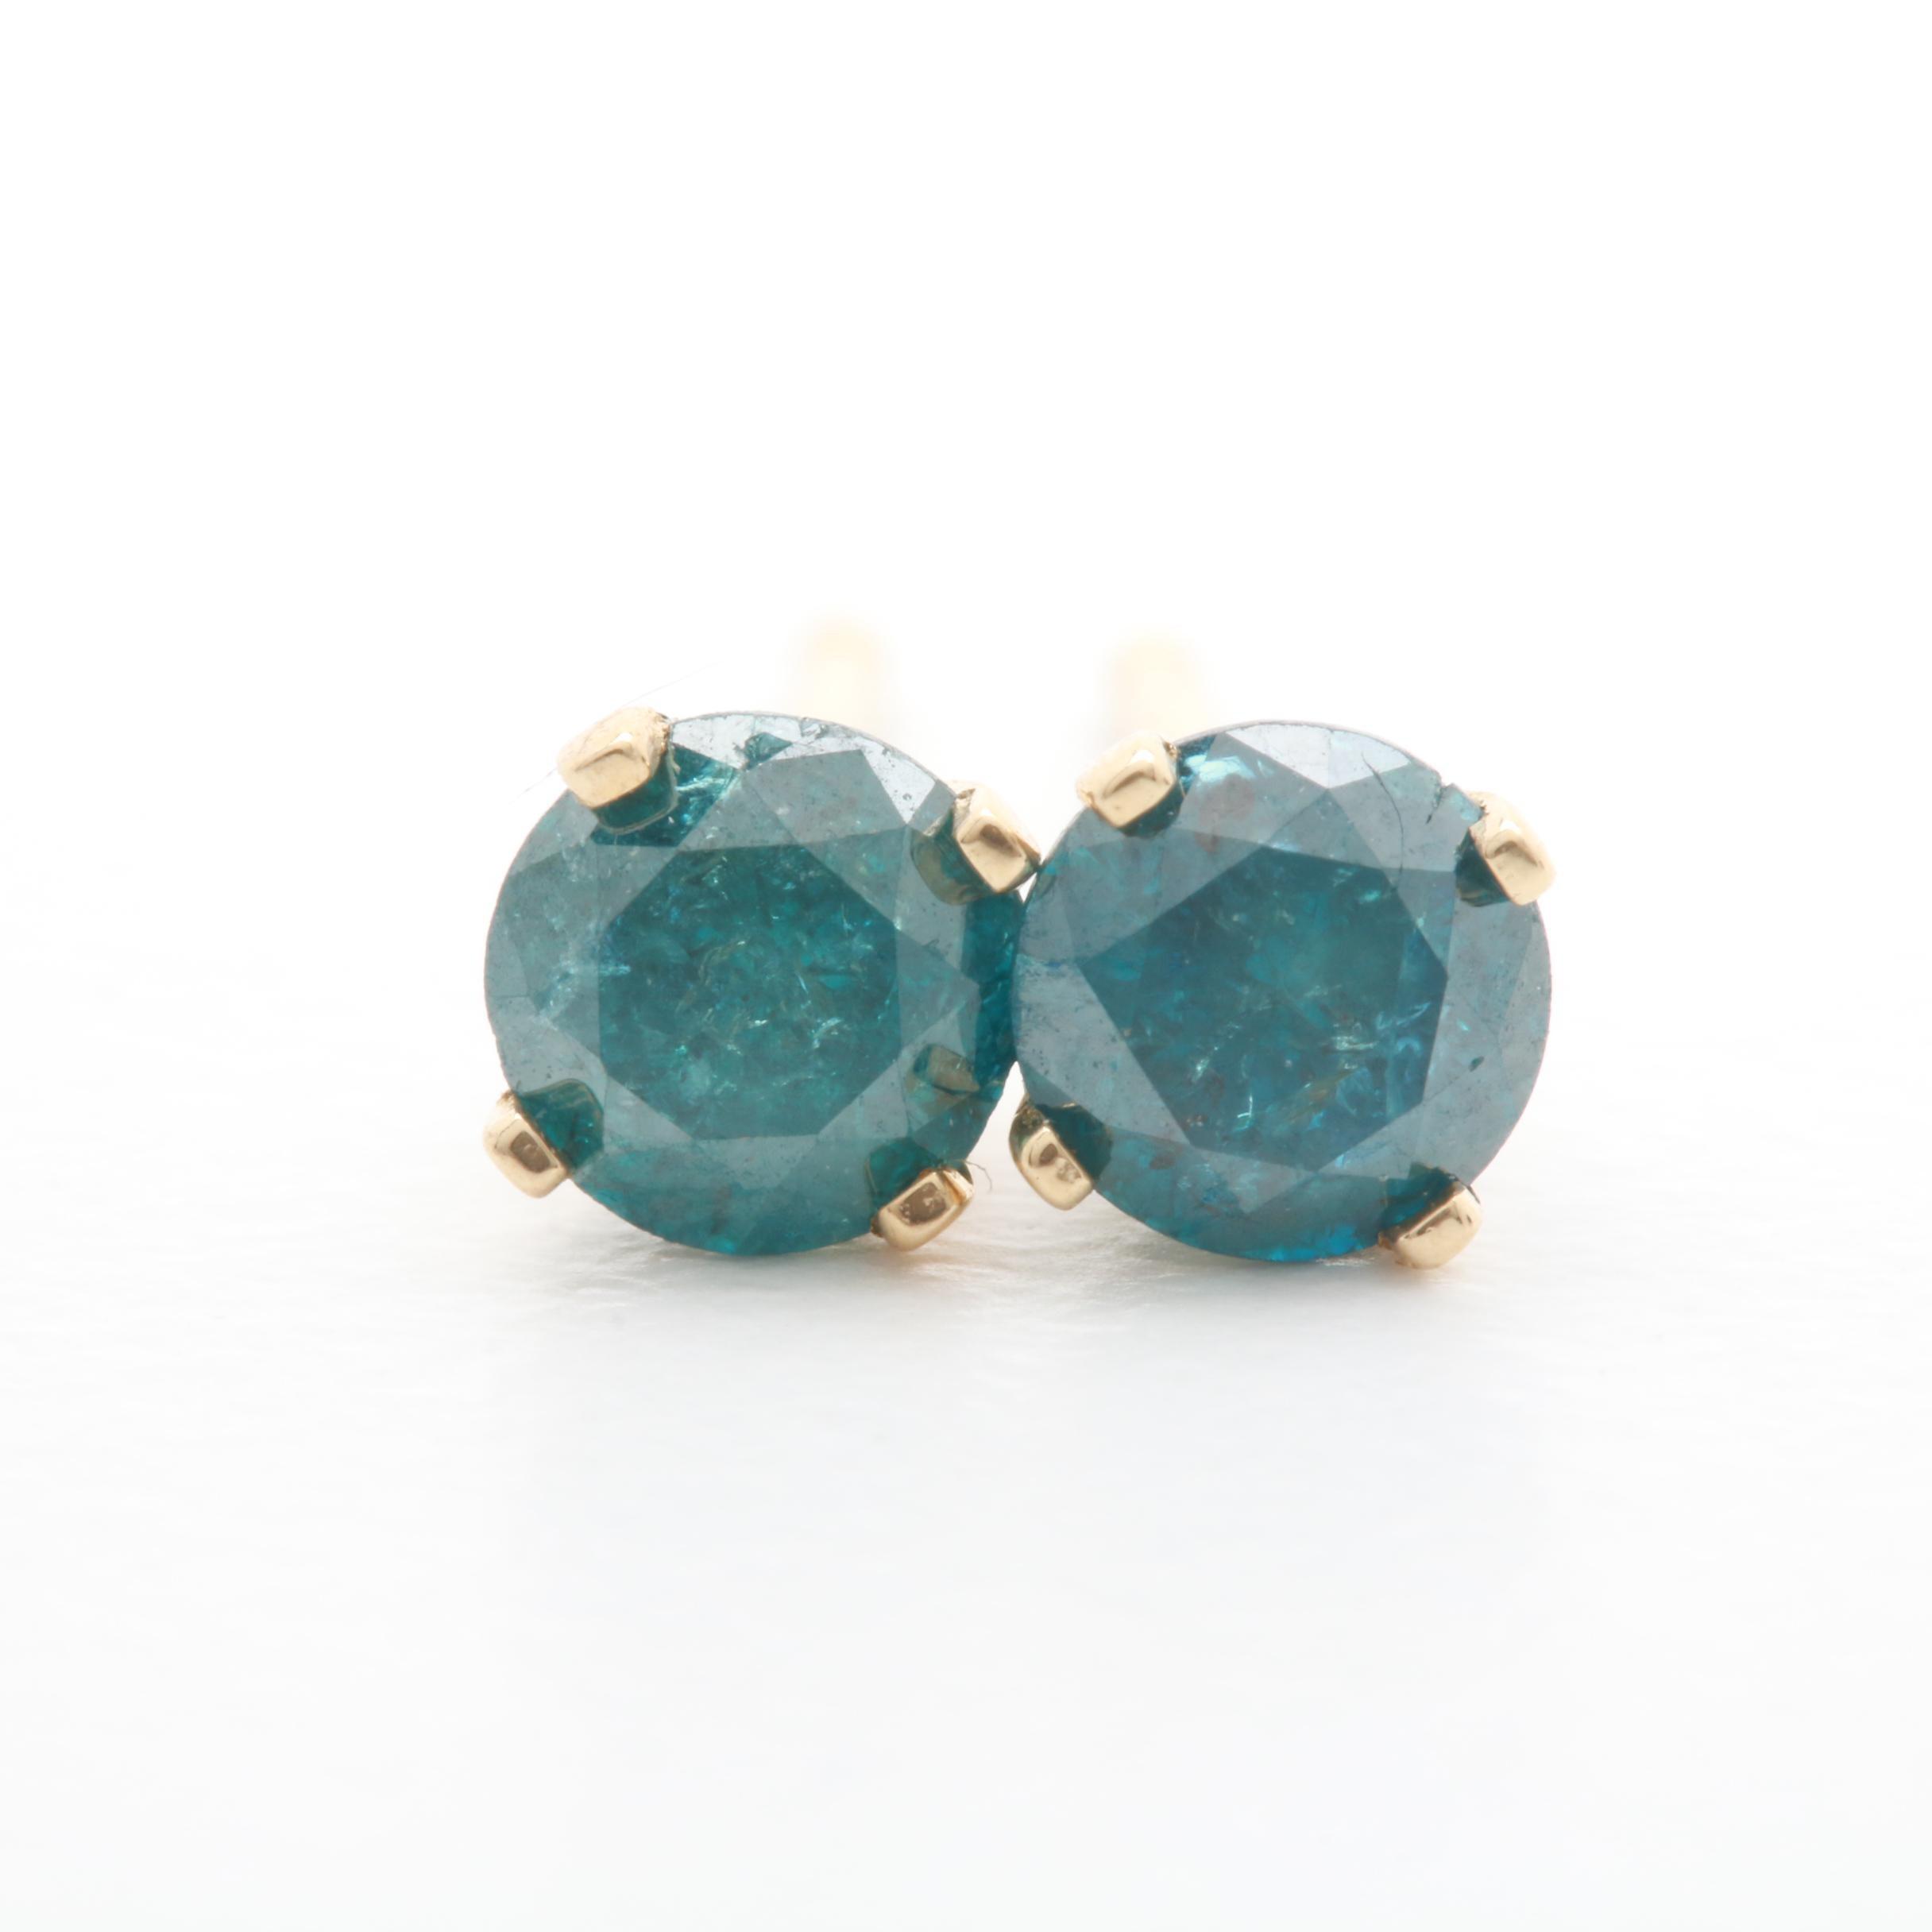 14K Yellow Gold Blue Diamond Stud Earrings